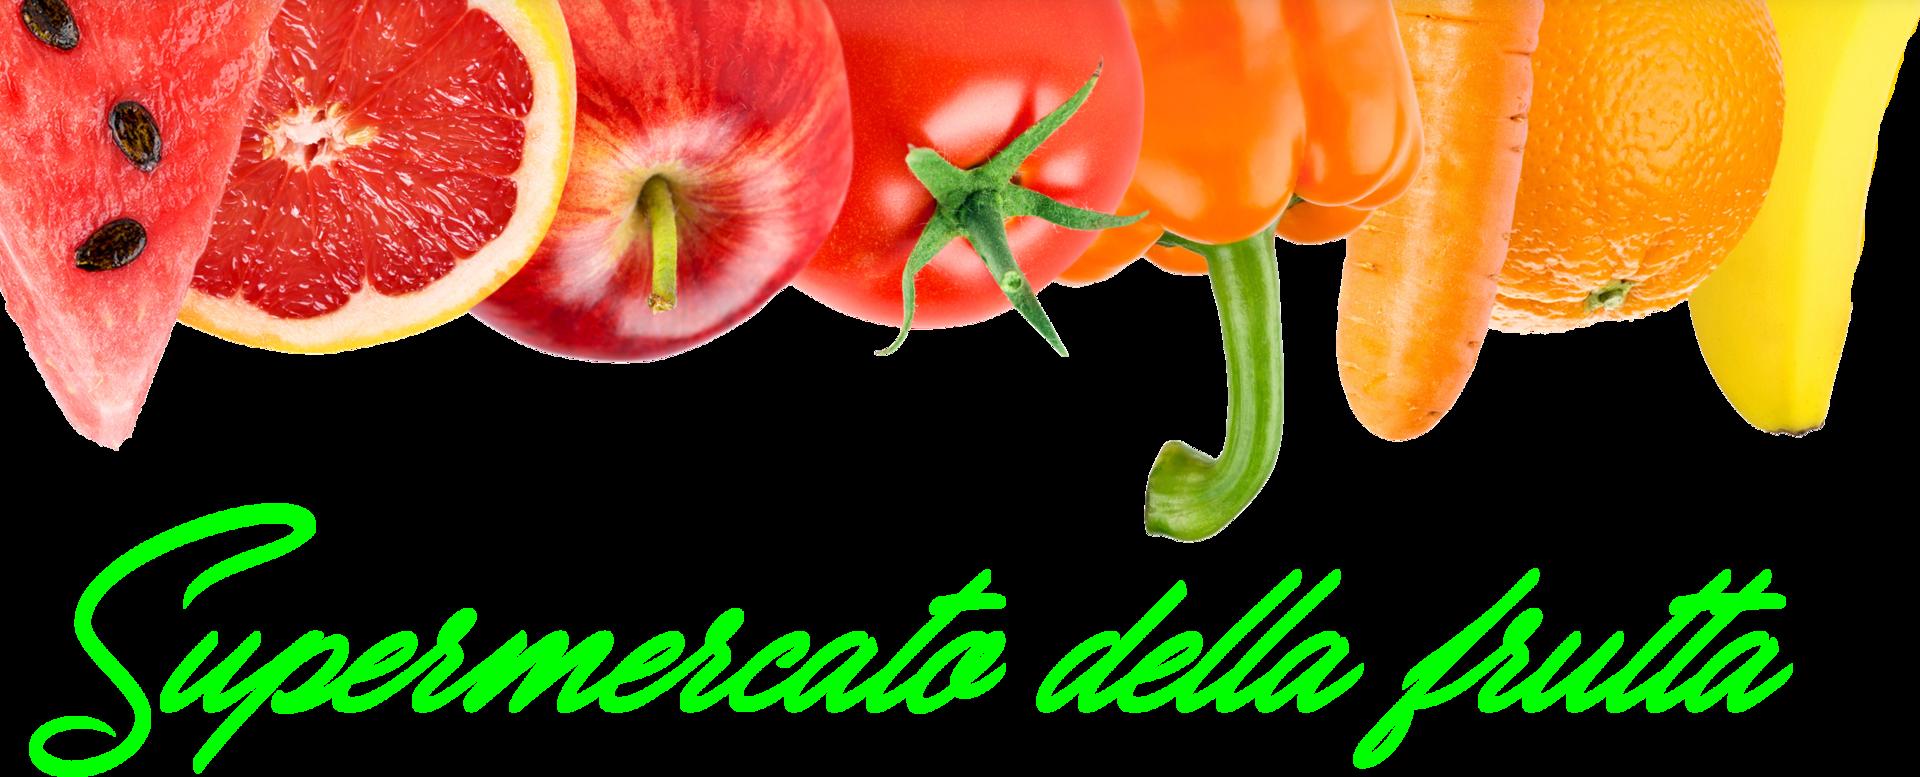 SUPERMERCATO DELLA FRUTTA - LOGO